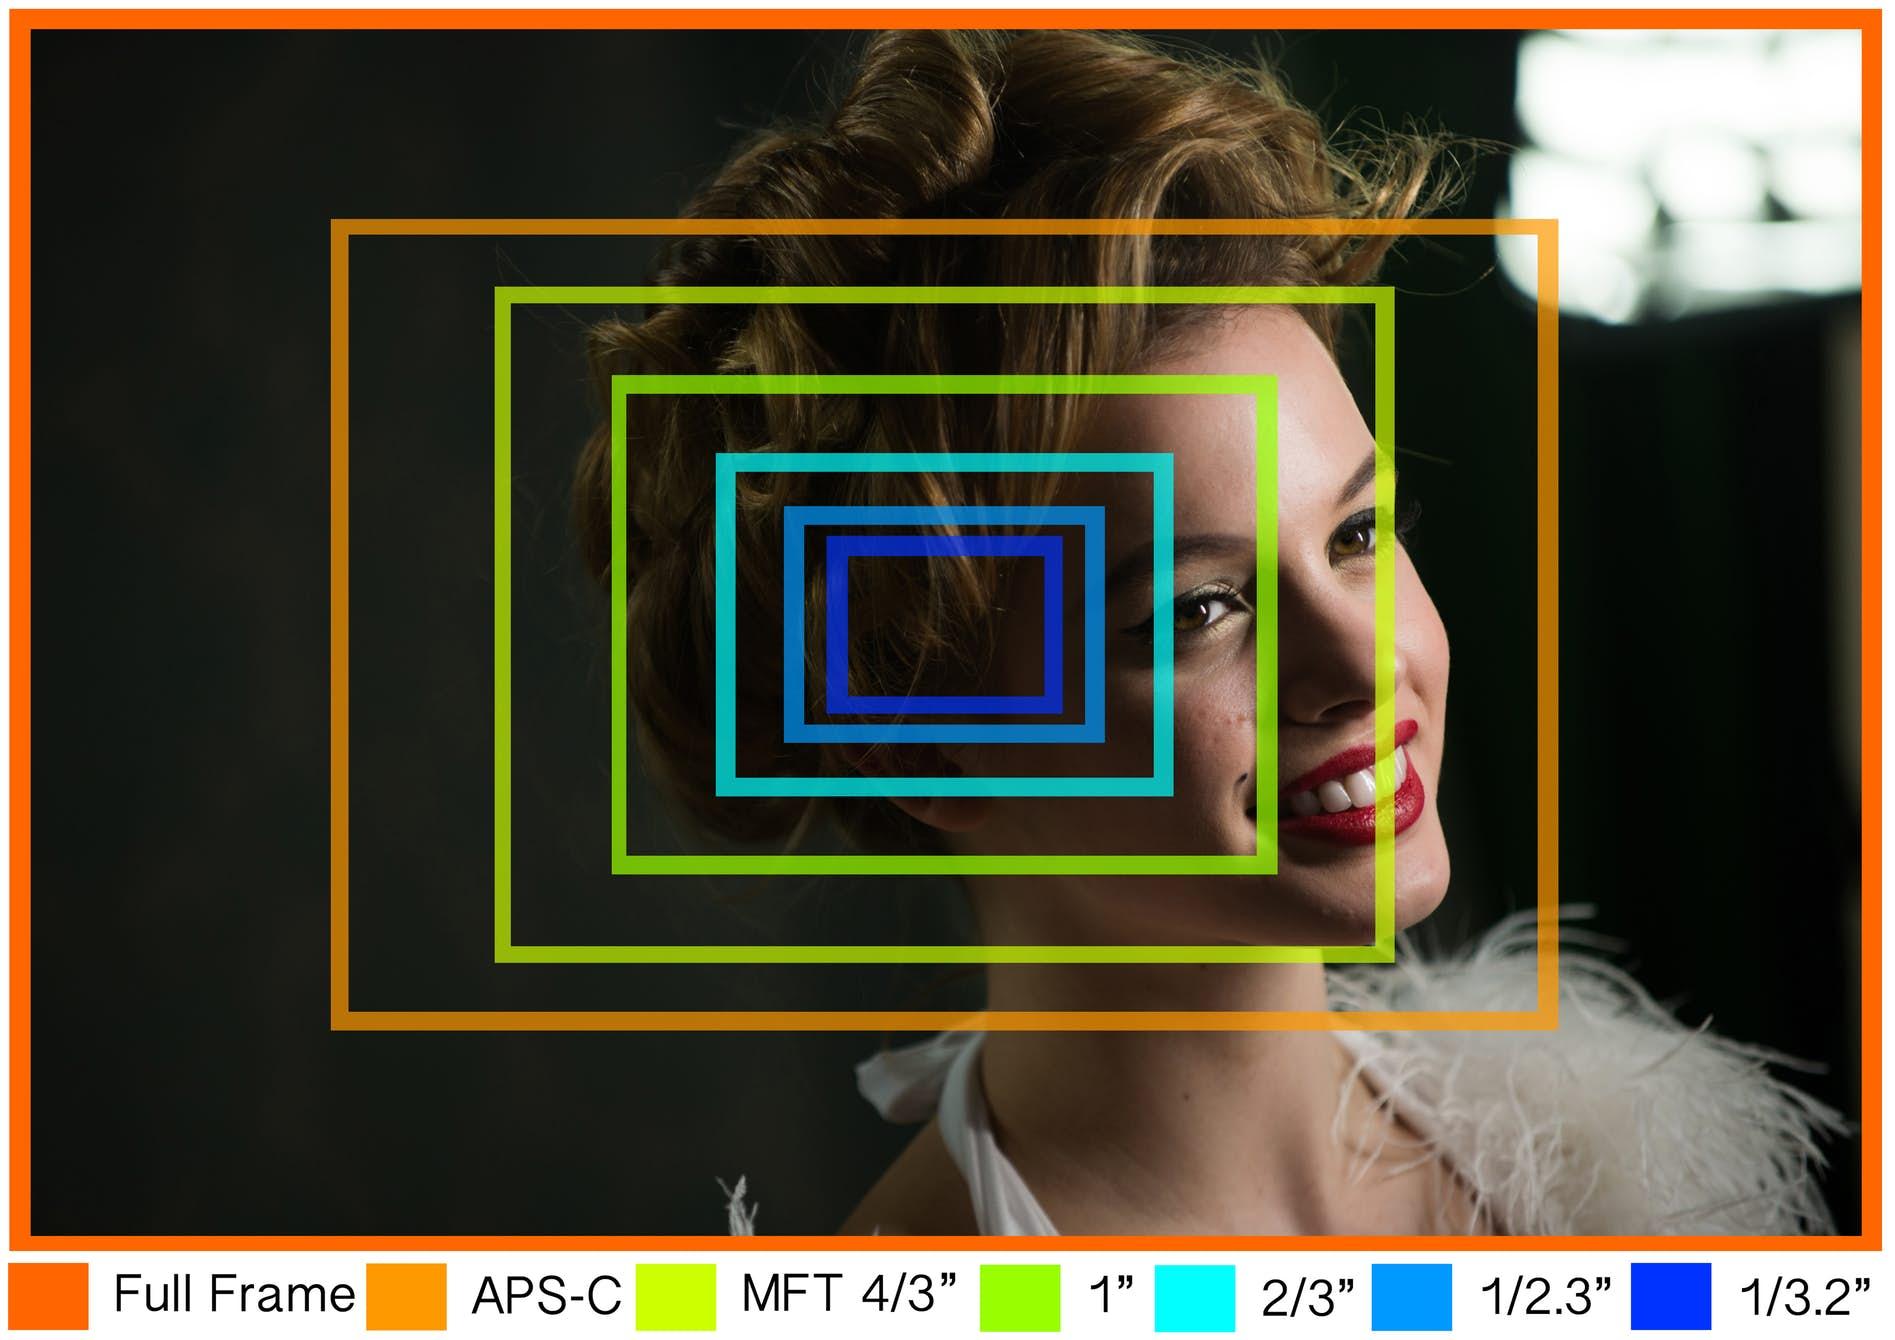 https://newatlas.com/camera-sensor-size-guide/26684/